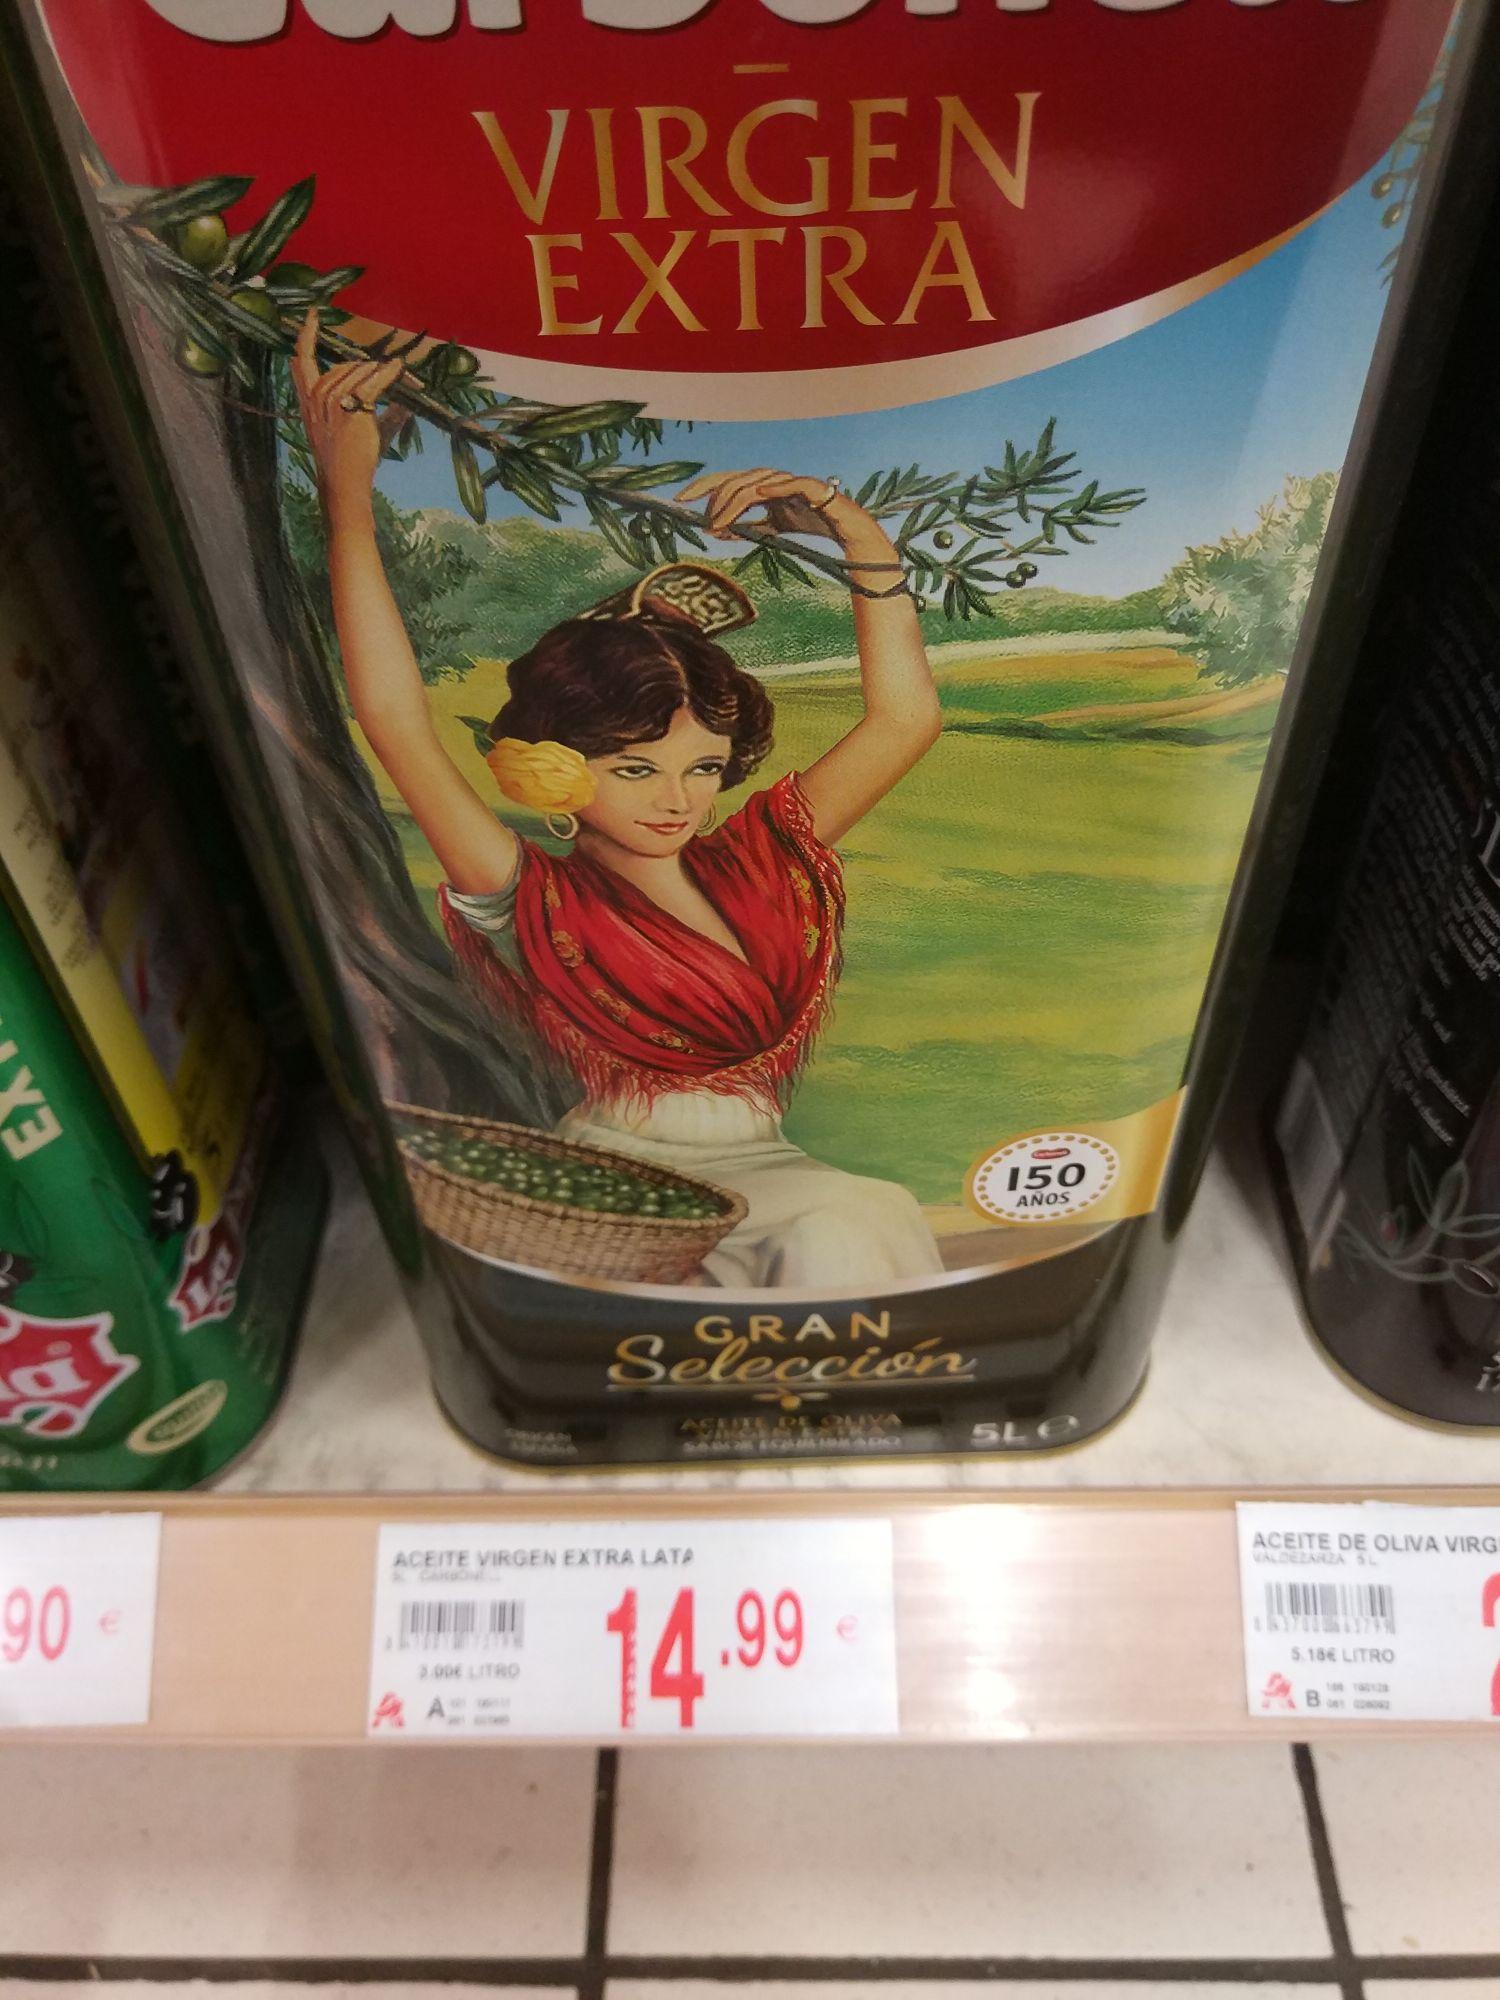 Aceite de oliva virgen extra Carbonell gran selección 5l